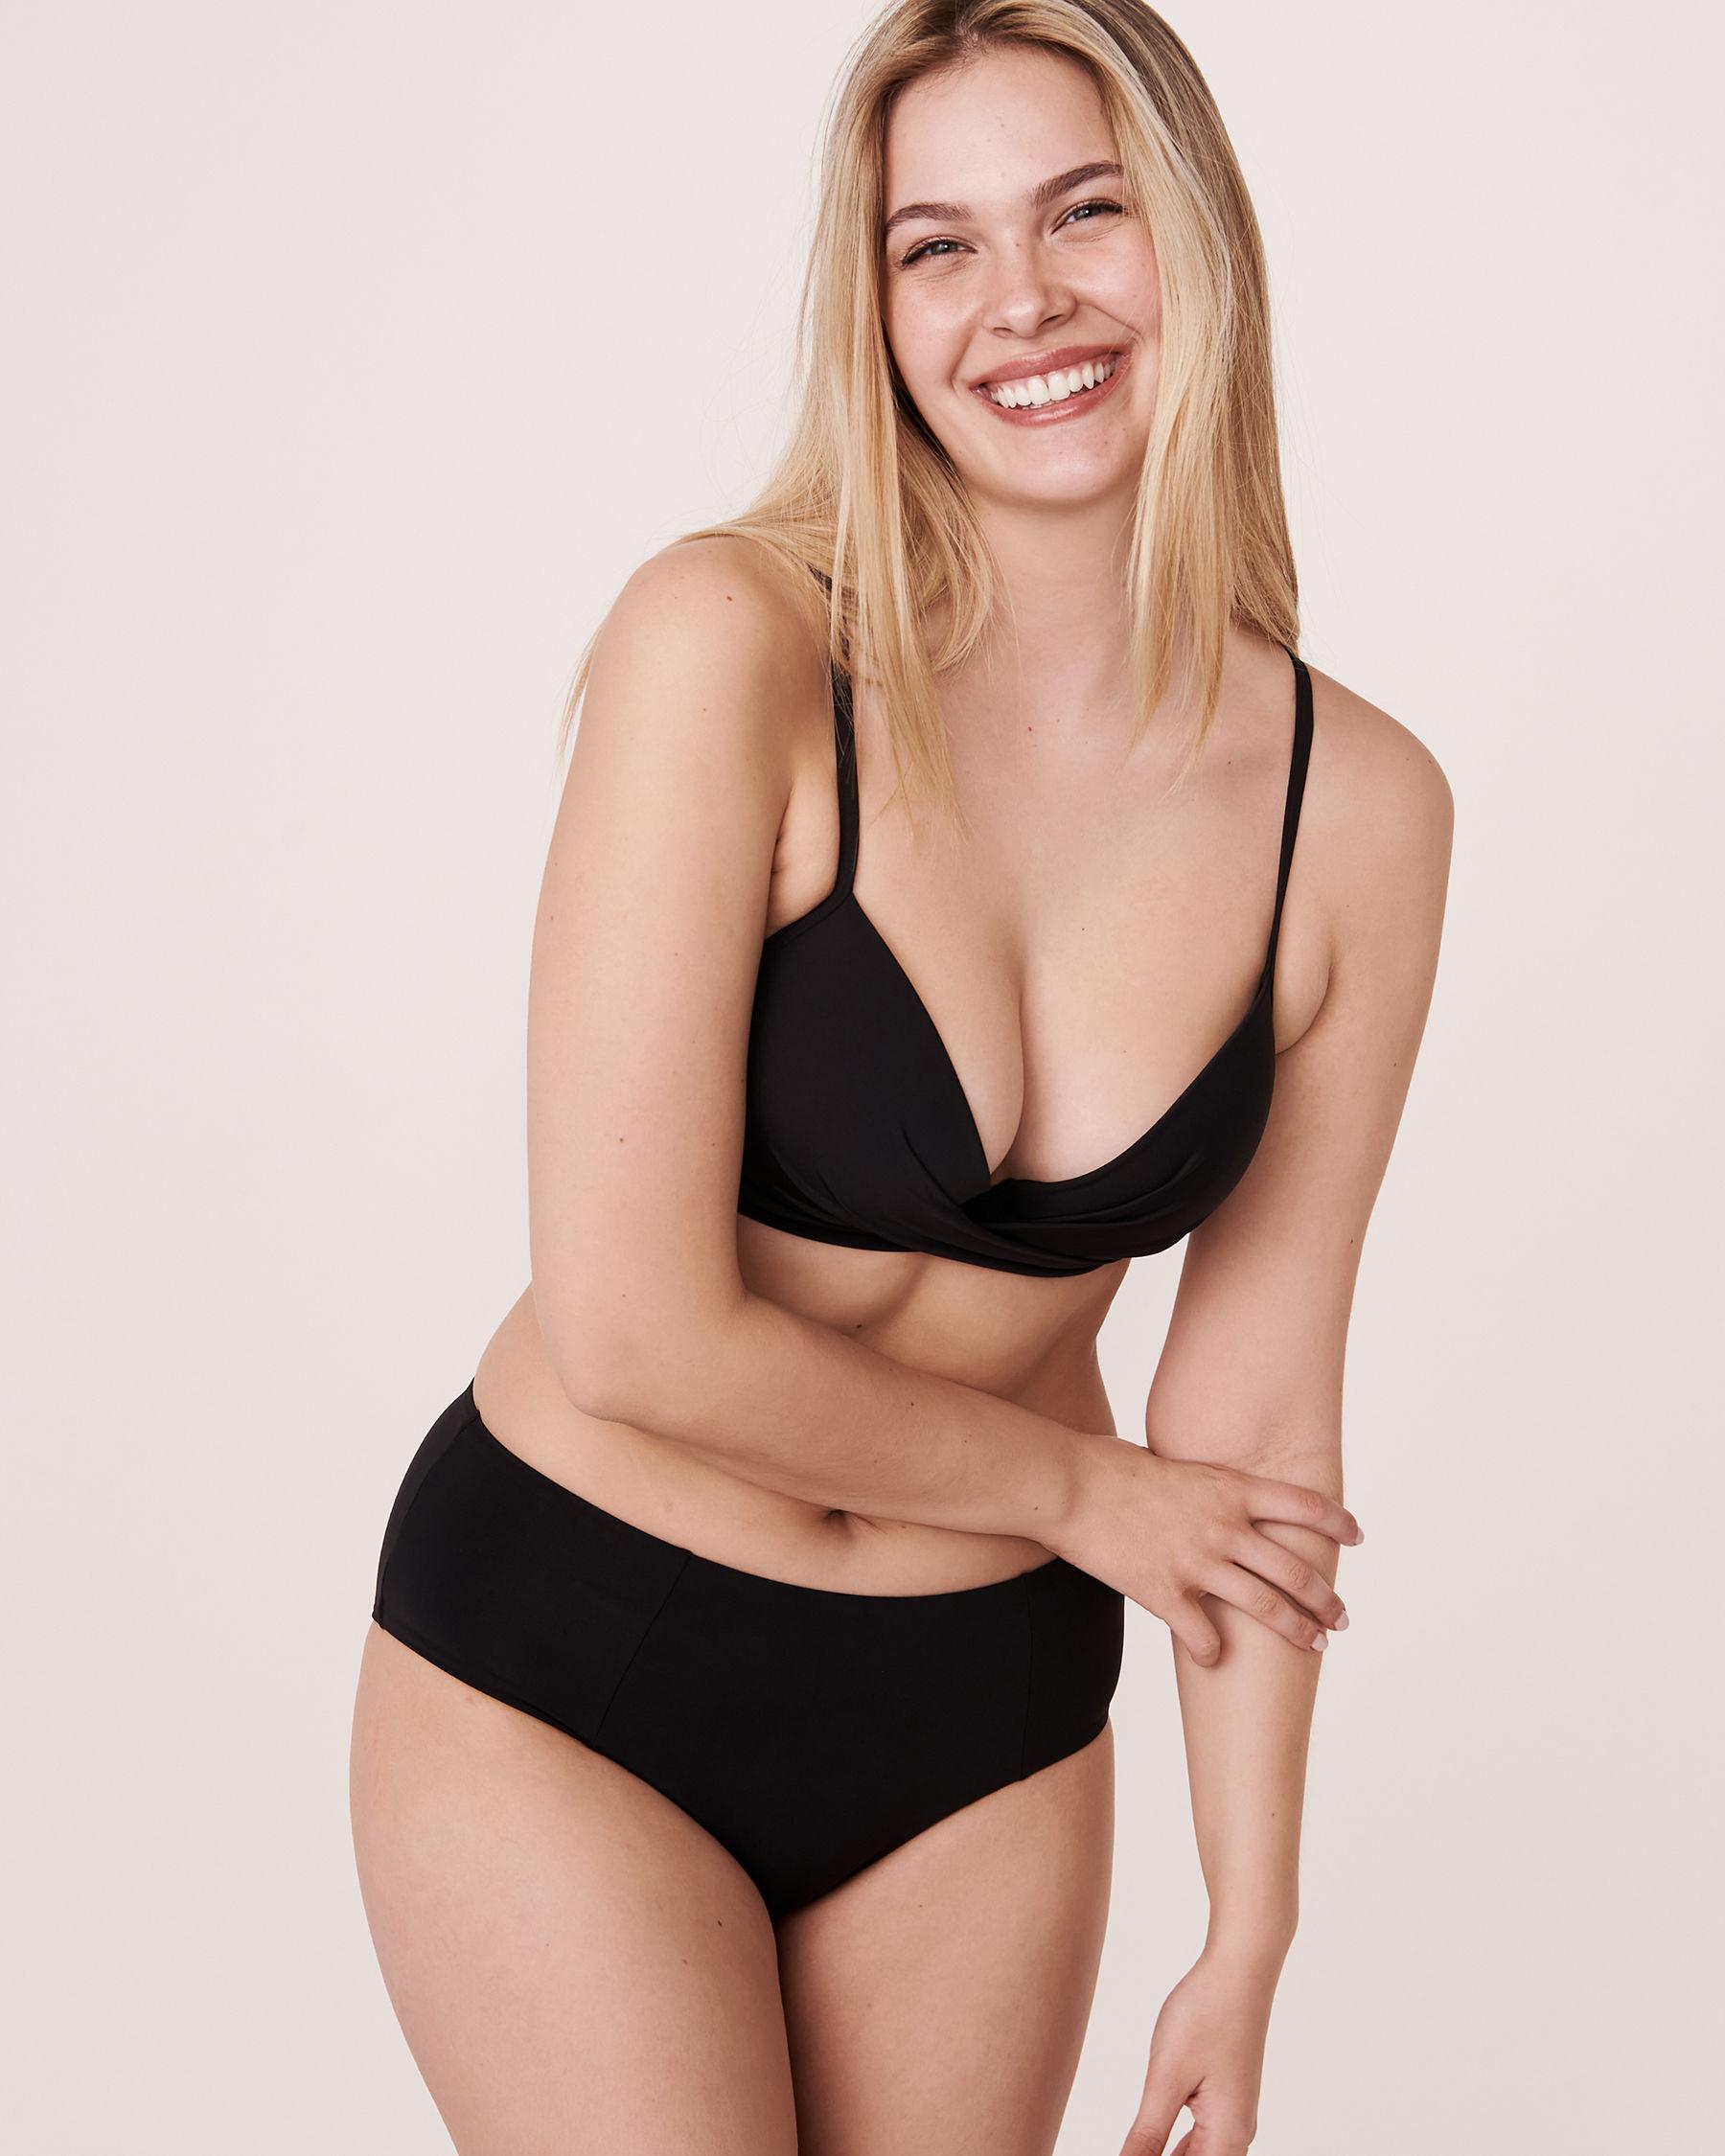 LA VIE EN ROSE AQUA Haut de bikini push-up torsadé SOLID Noir 70100088 - Voir1